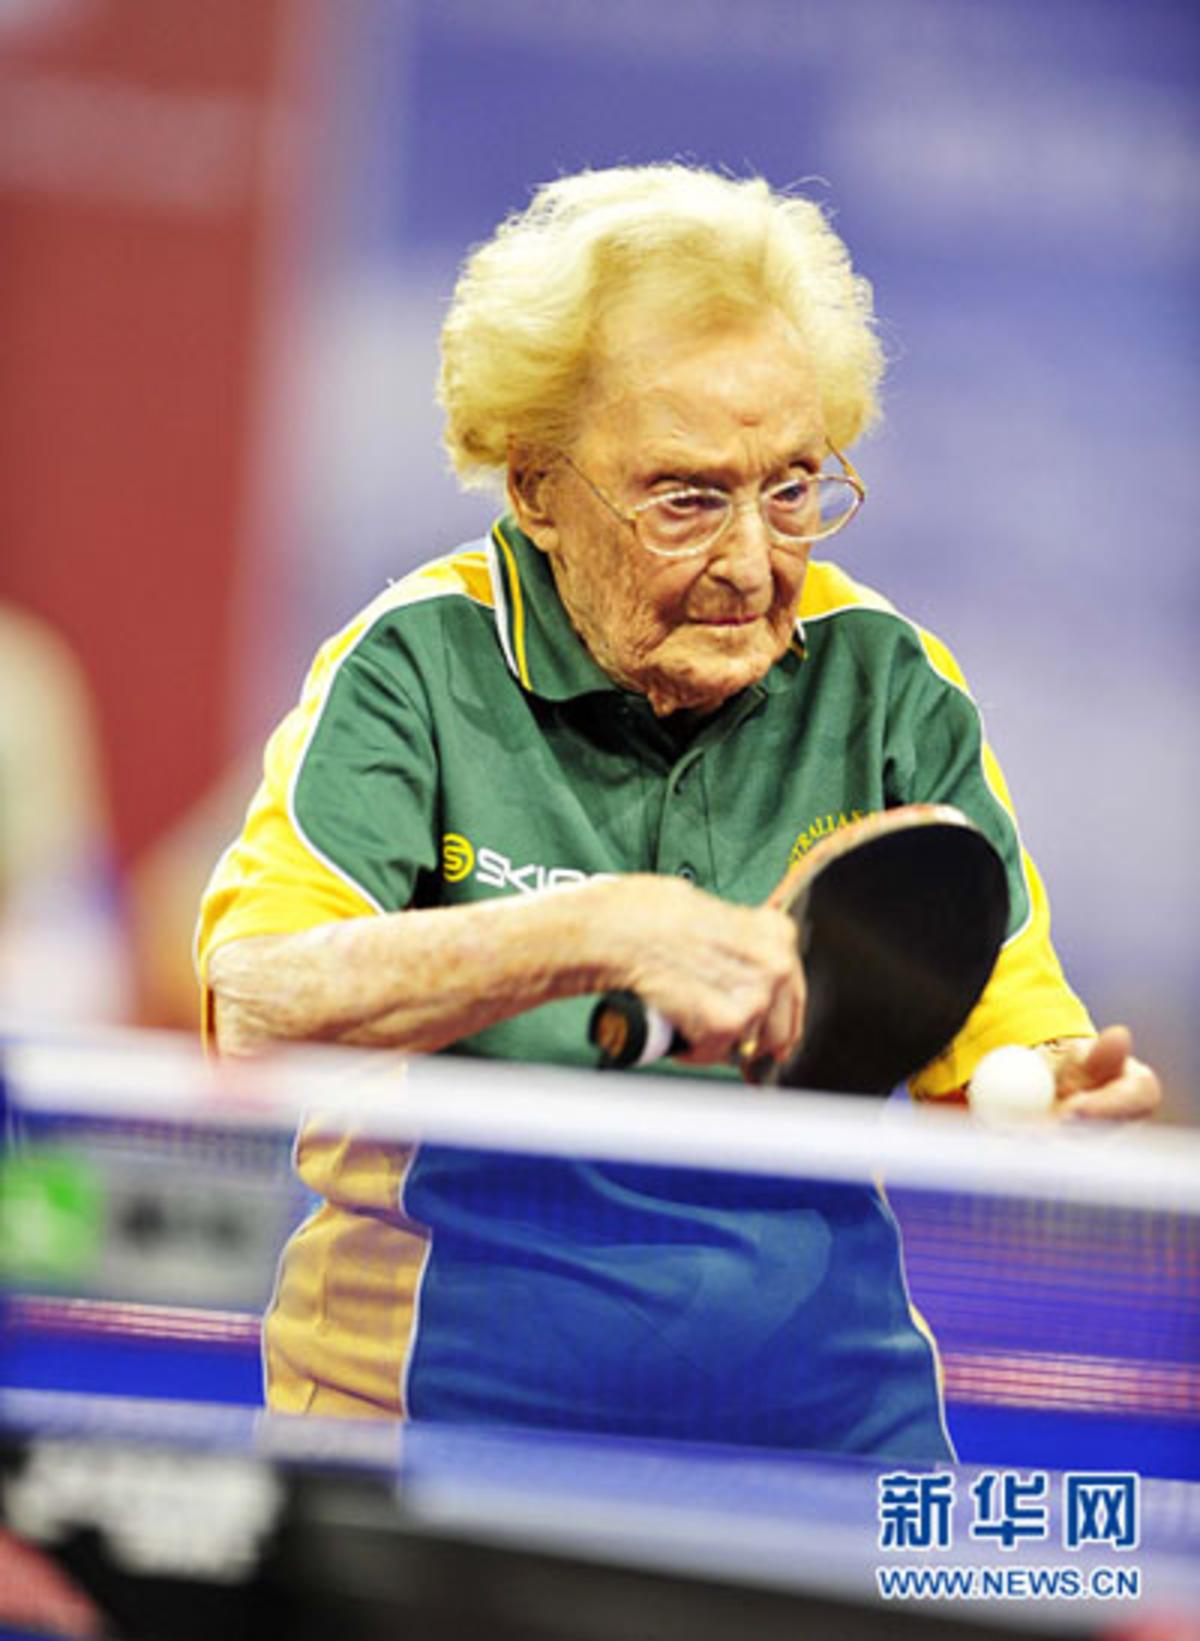 Παίζει πίνγκ-πονγκ στα 100 της χρόνια! | Newsit.gr